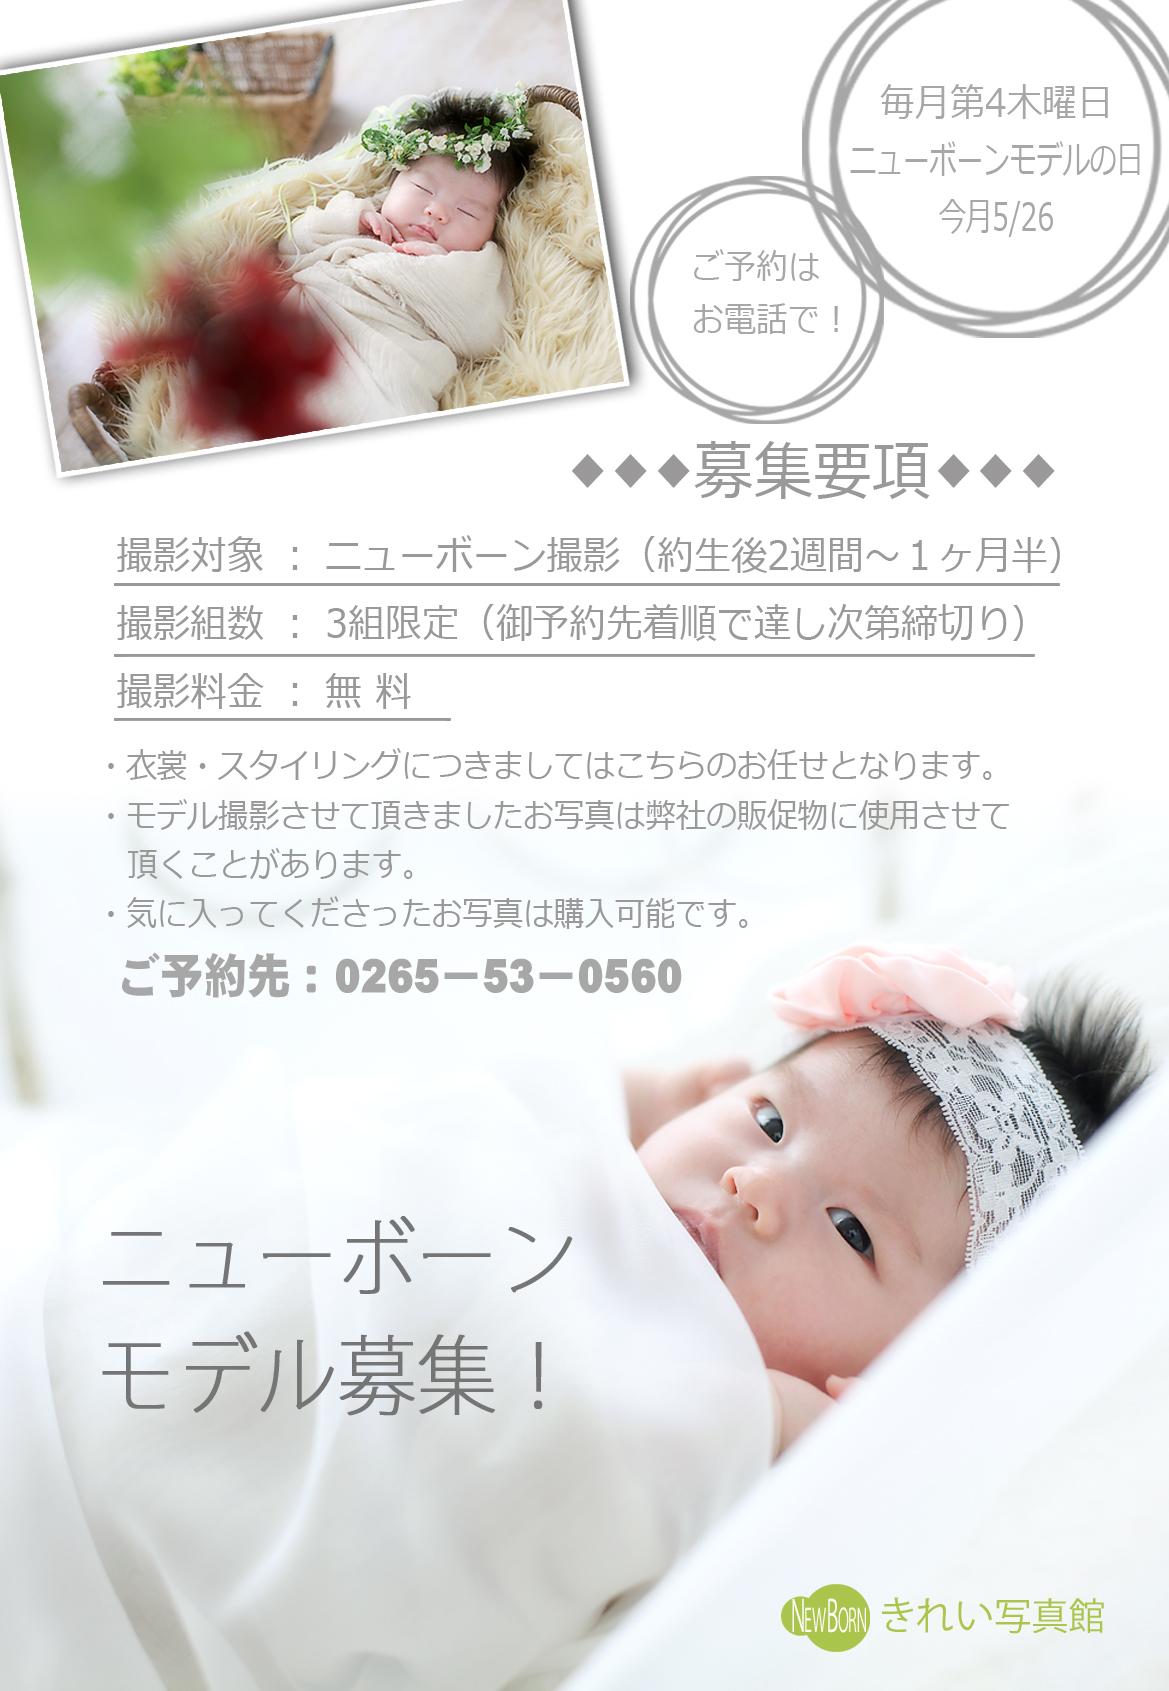 ブログFBニューボーンモデル募集0507